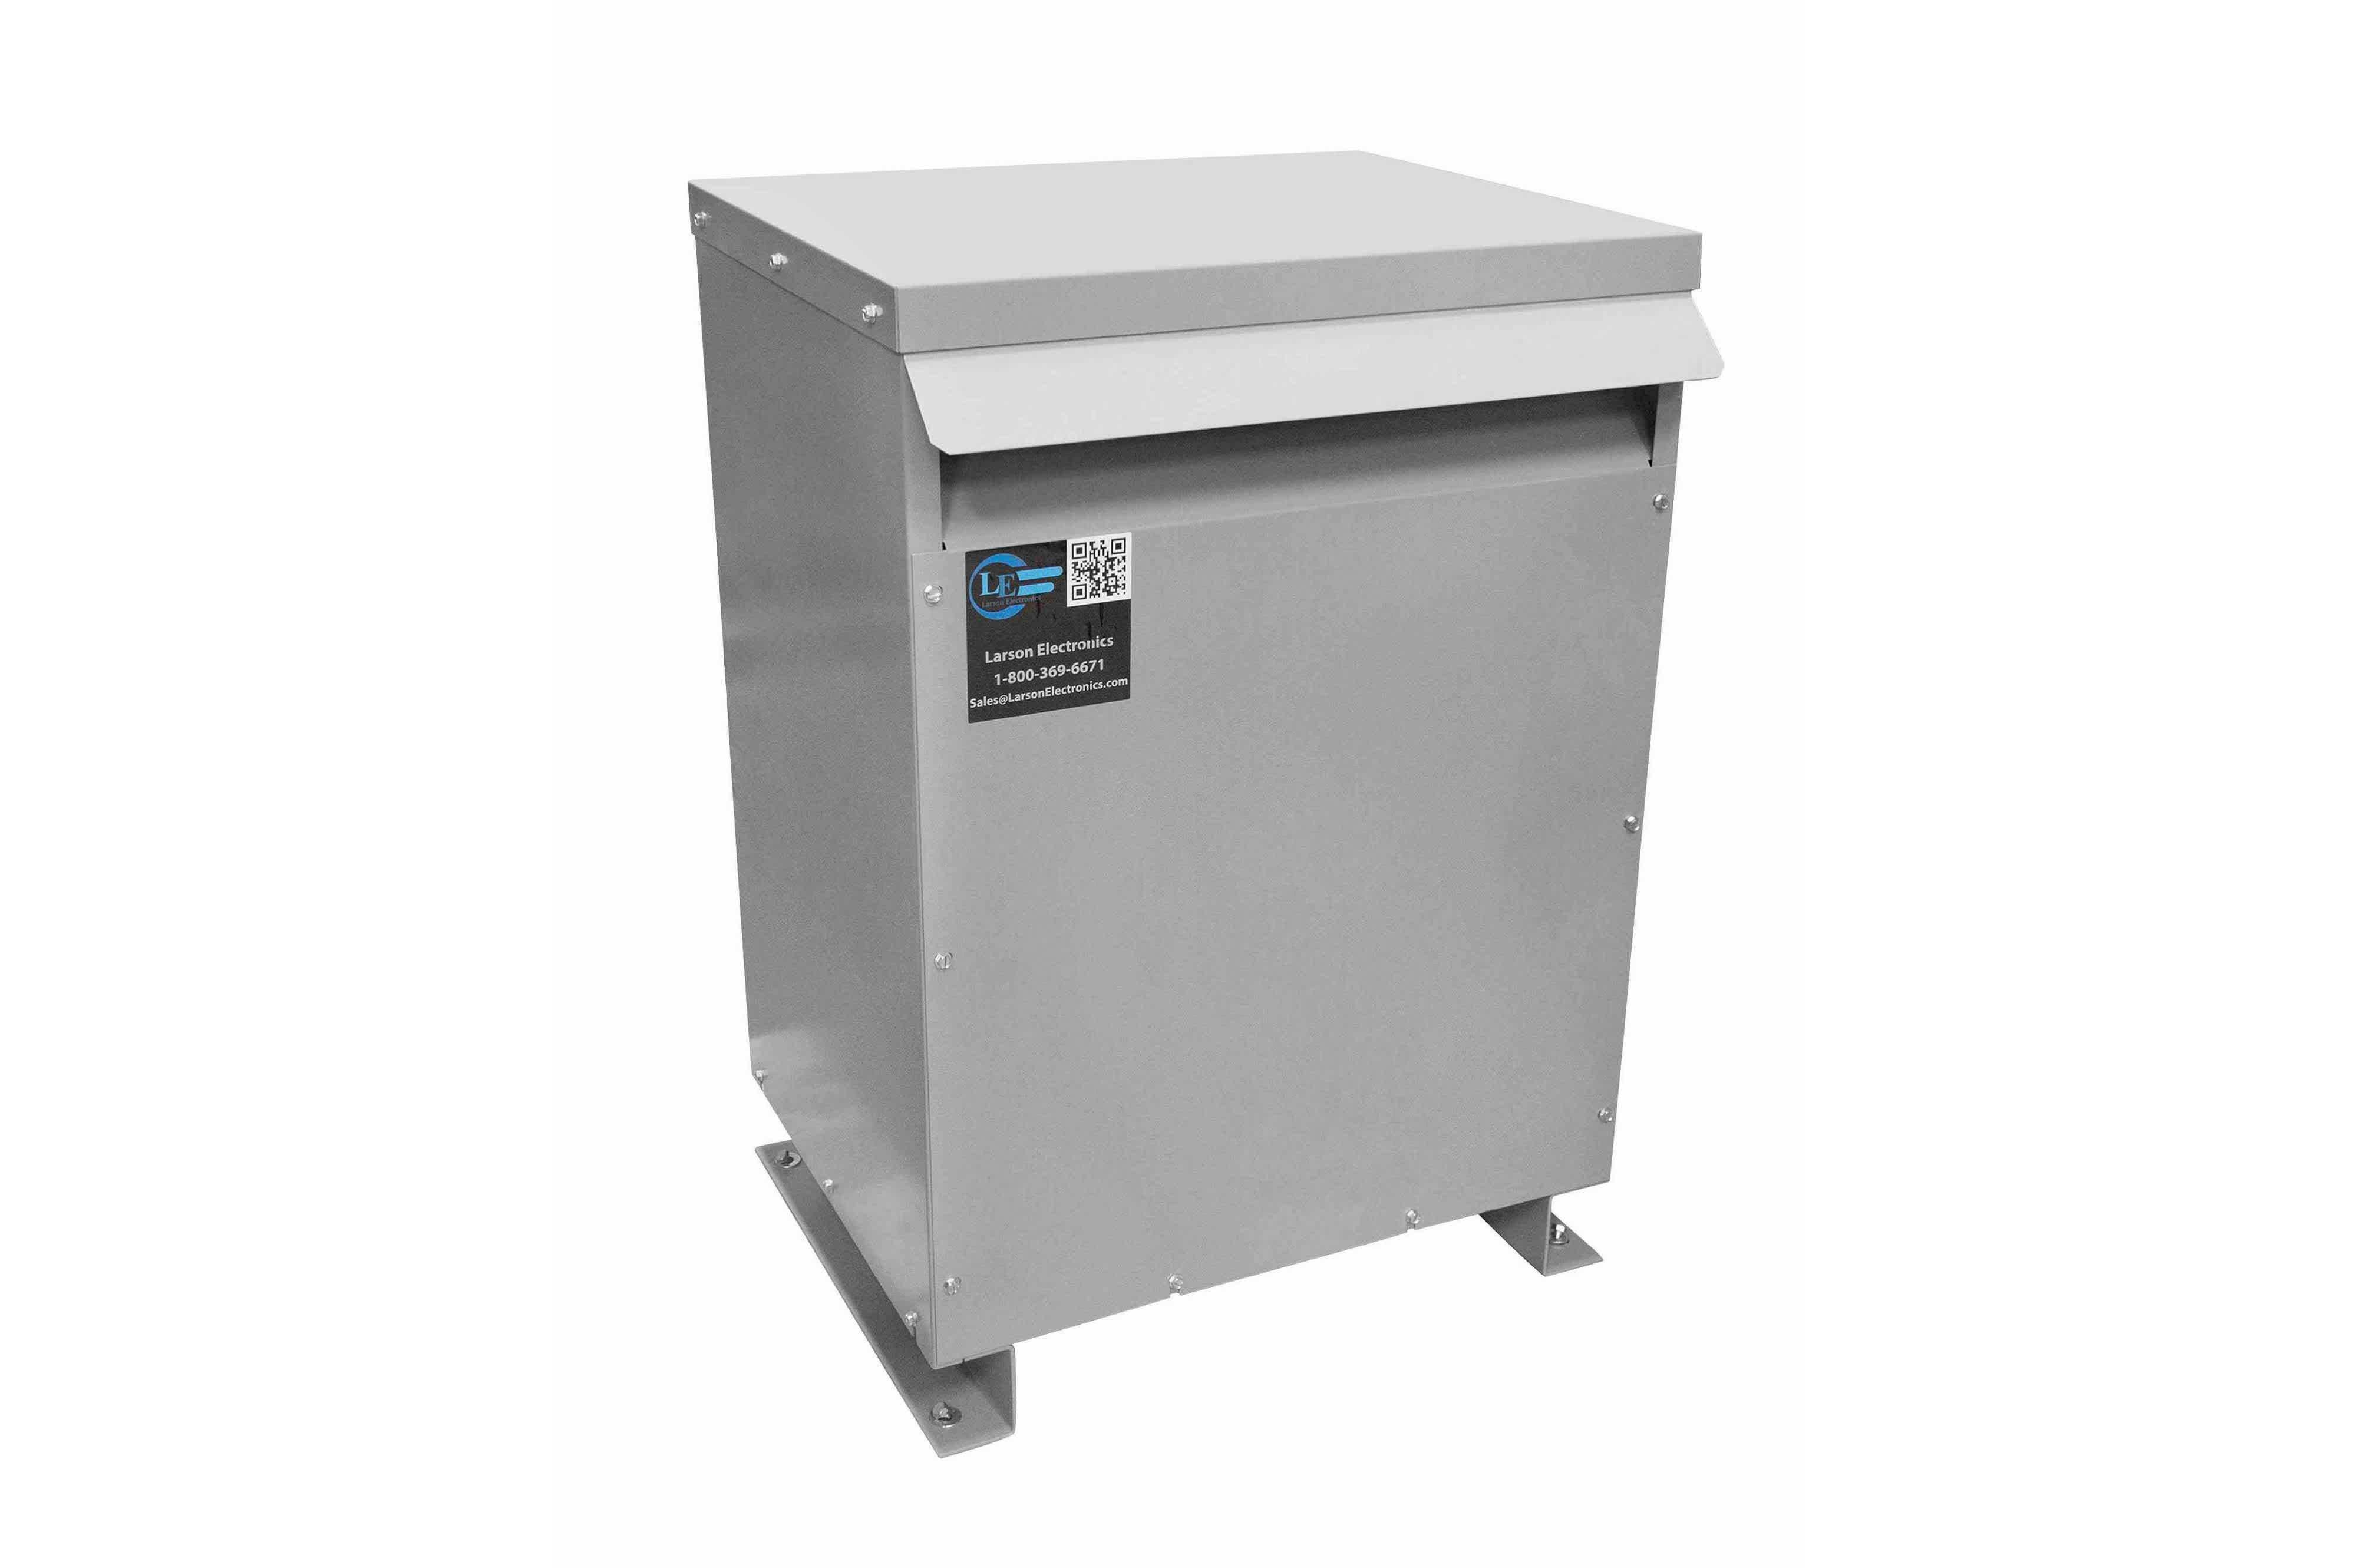 36 kVA 3PH Isolation Transformer, 208V Delta Primary, 208V Delta Secondary, N3R, Ventilated, 60 Hz